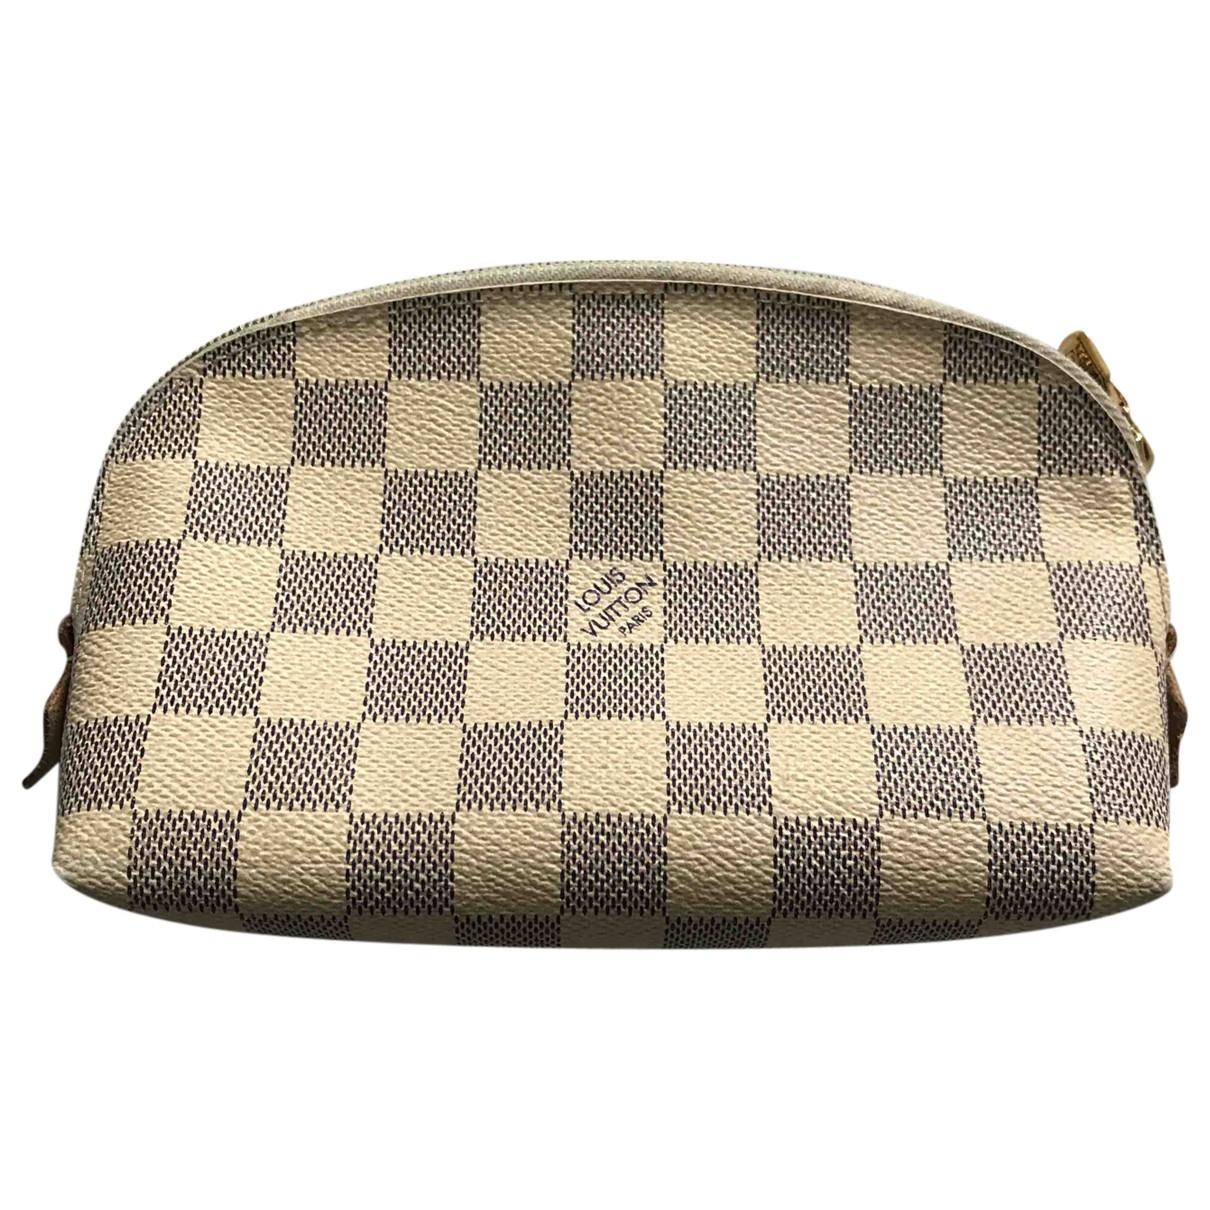 Louis Vuitton - Sac de voyage   pour femme en toile - beige